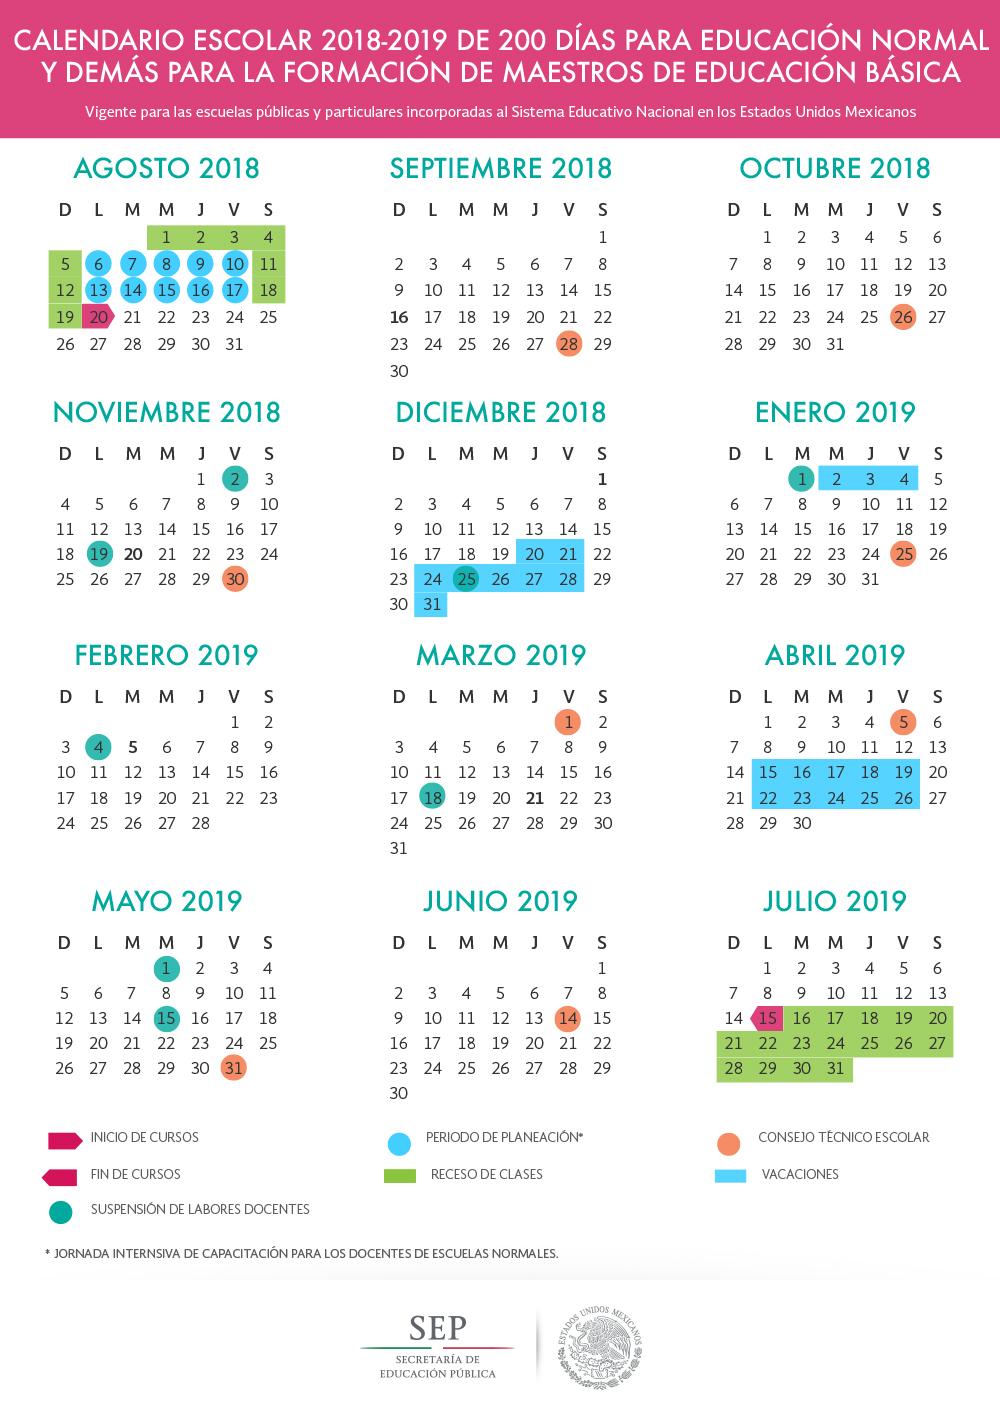 Aragon Calendario Escolar.Calendario Escolar 2018 2019 Bachillerato Tecnologico